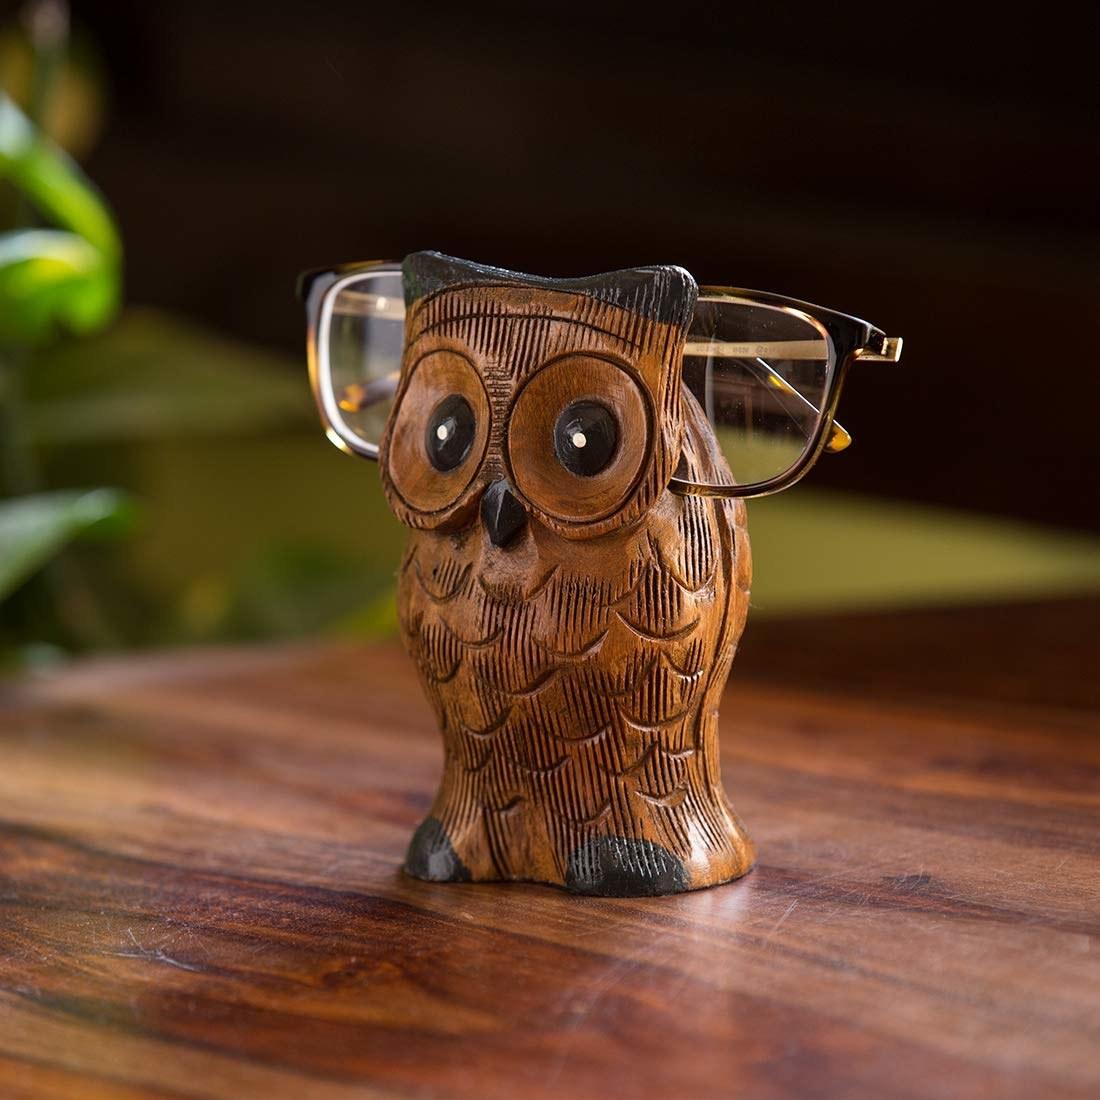 An owl glasses holder